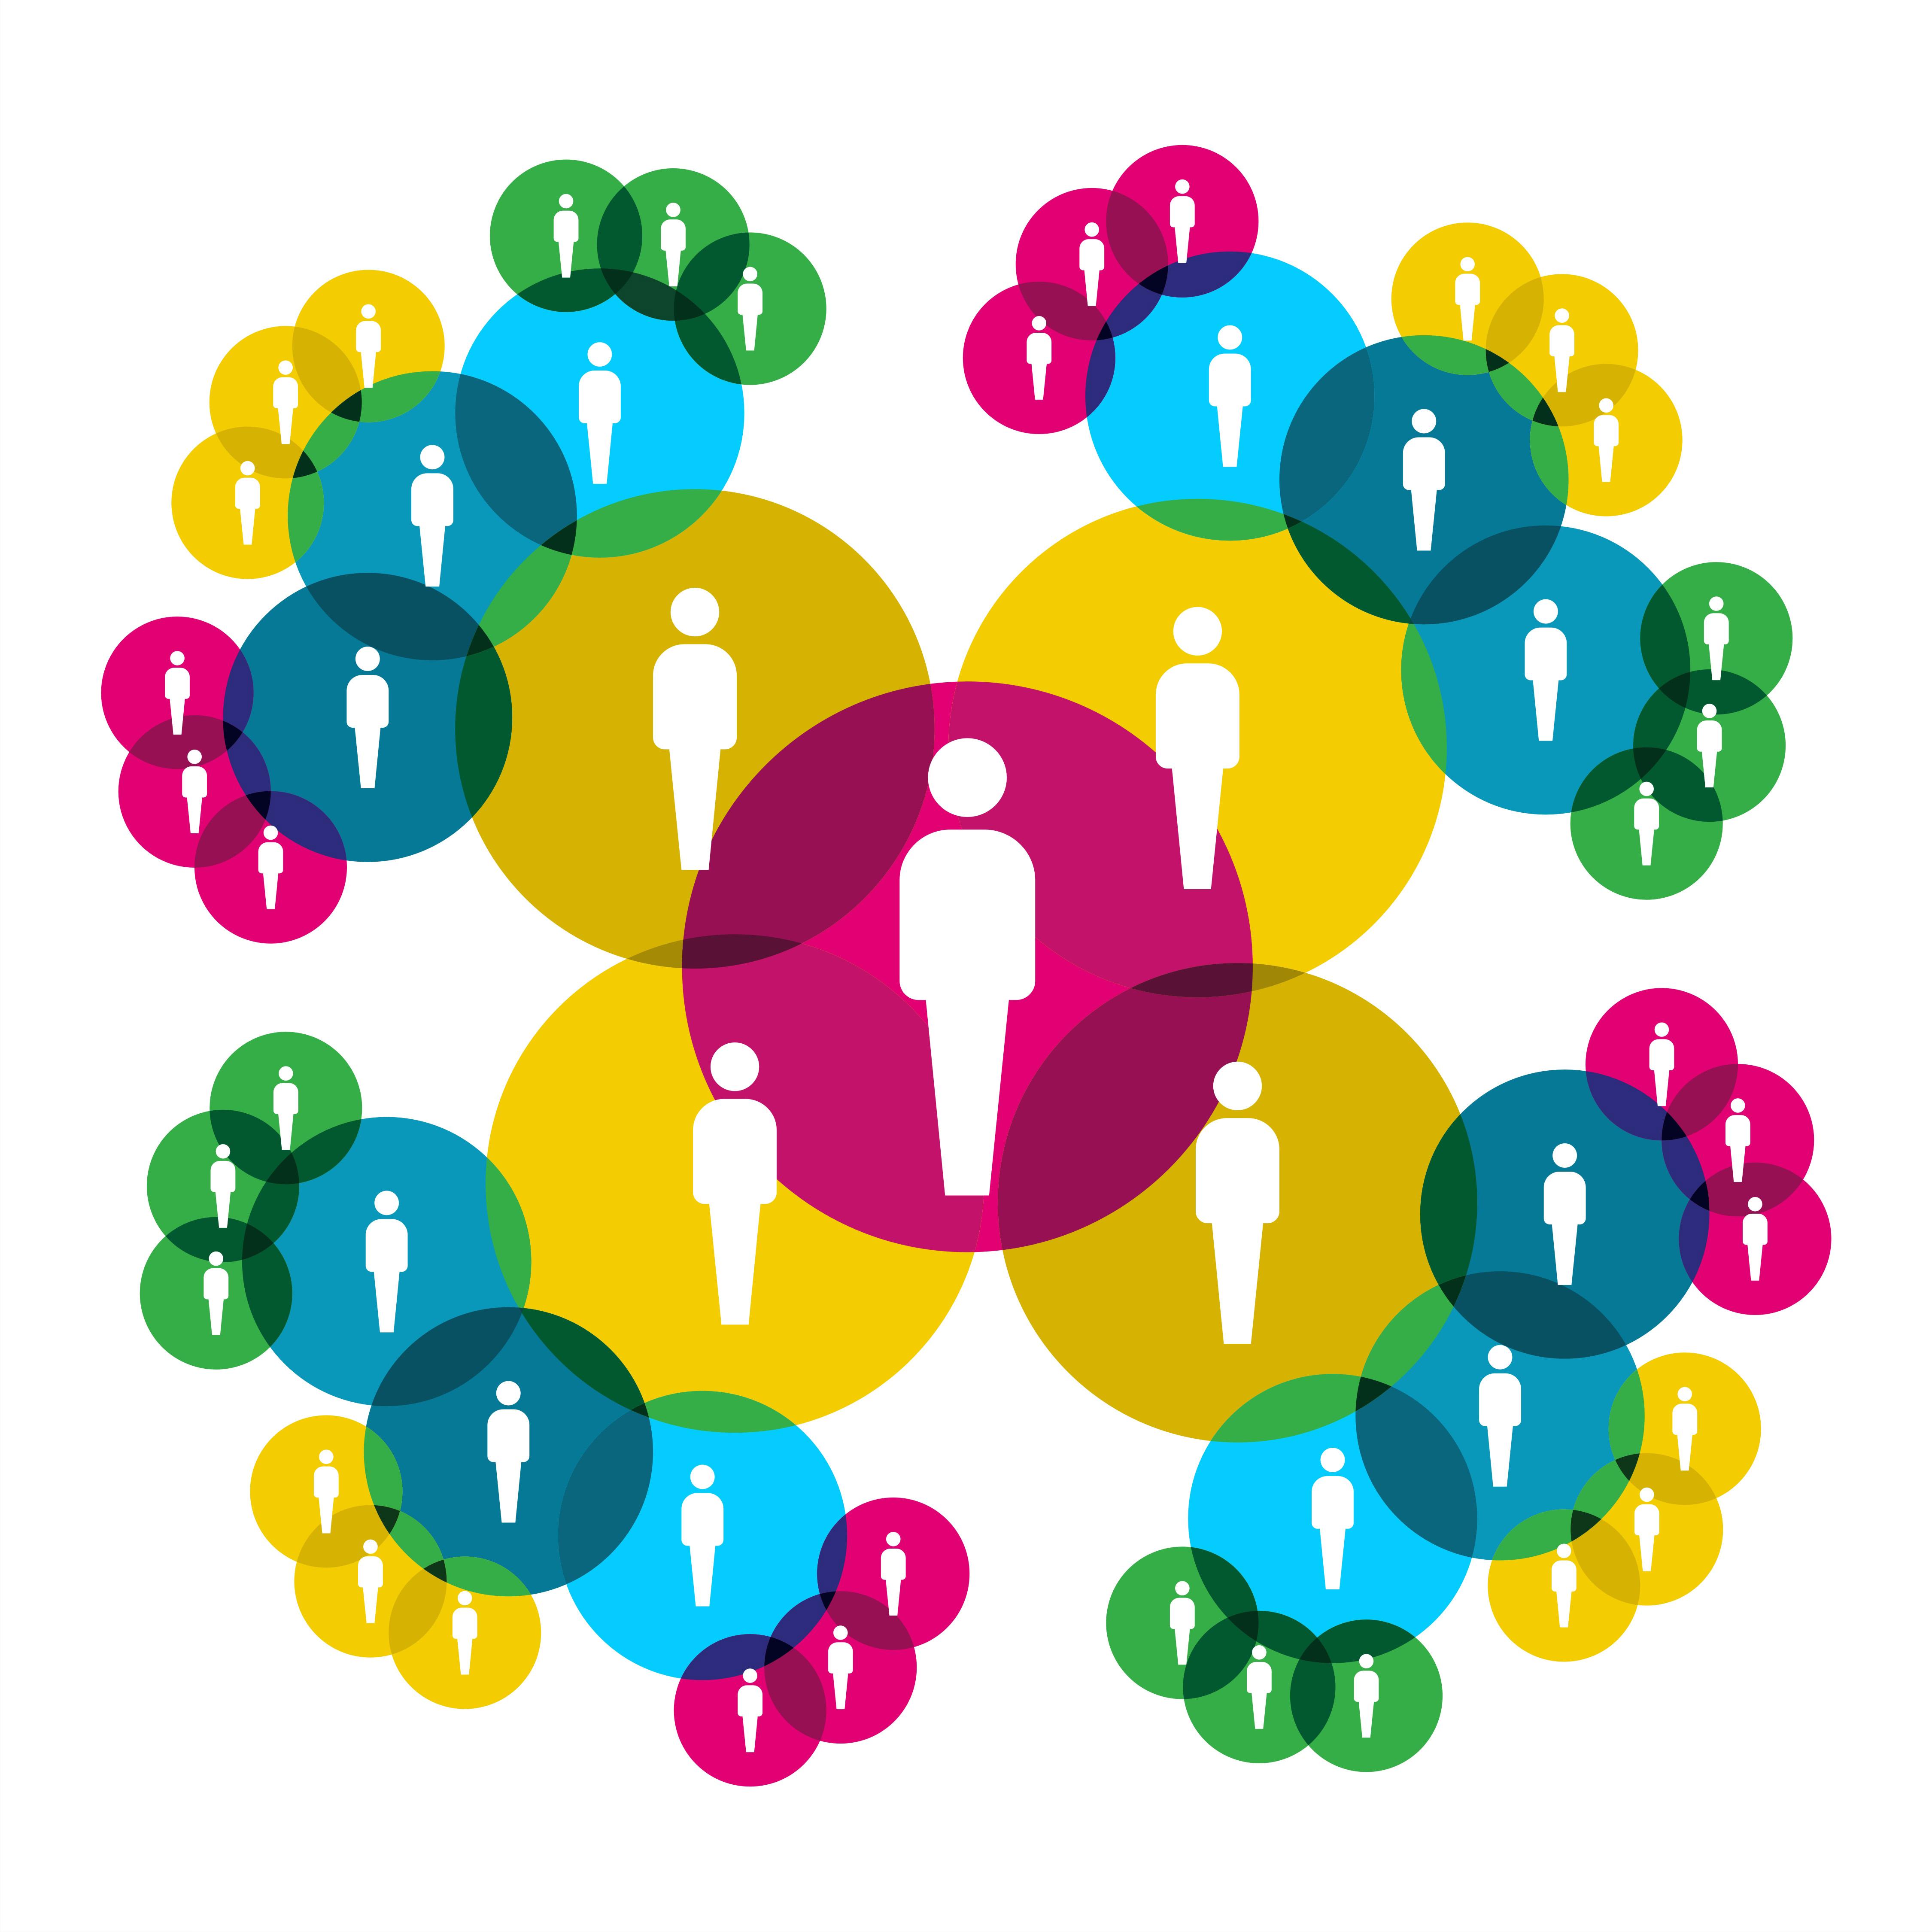 Investigacion de mercados para seleccion del publico - Collegamento stampabile un puzzle pix ...